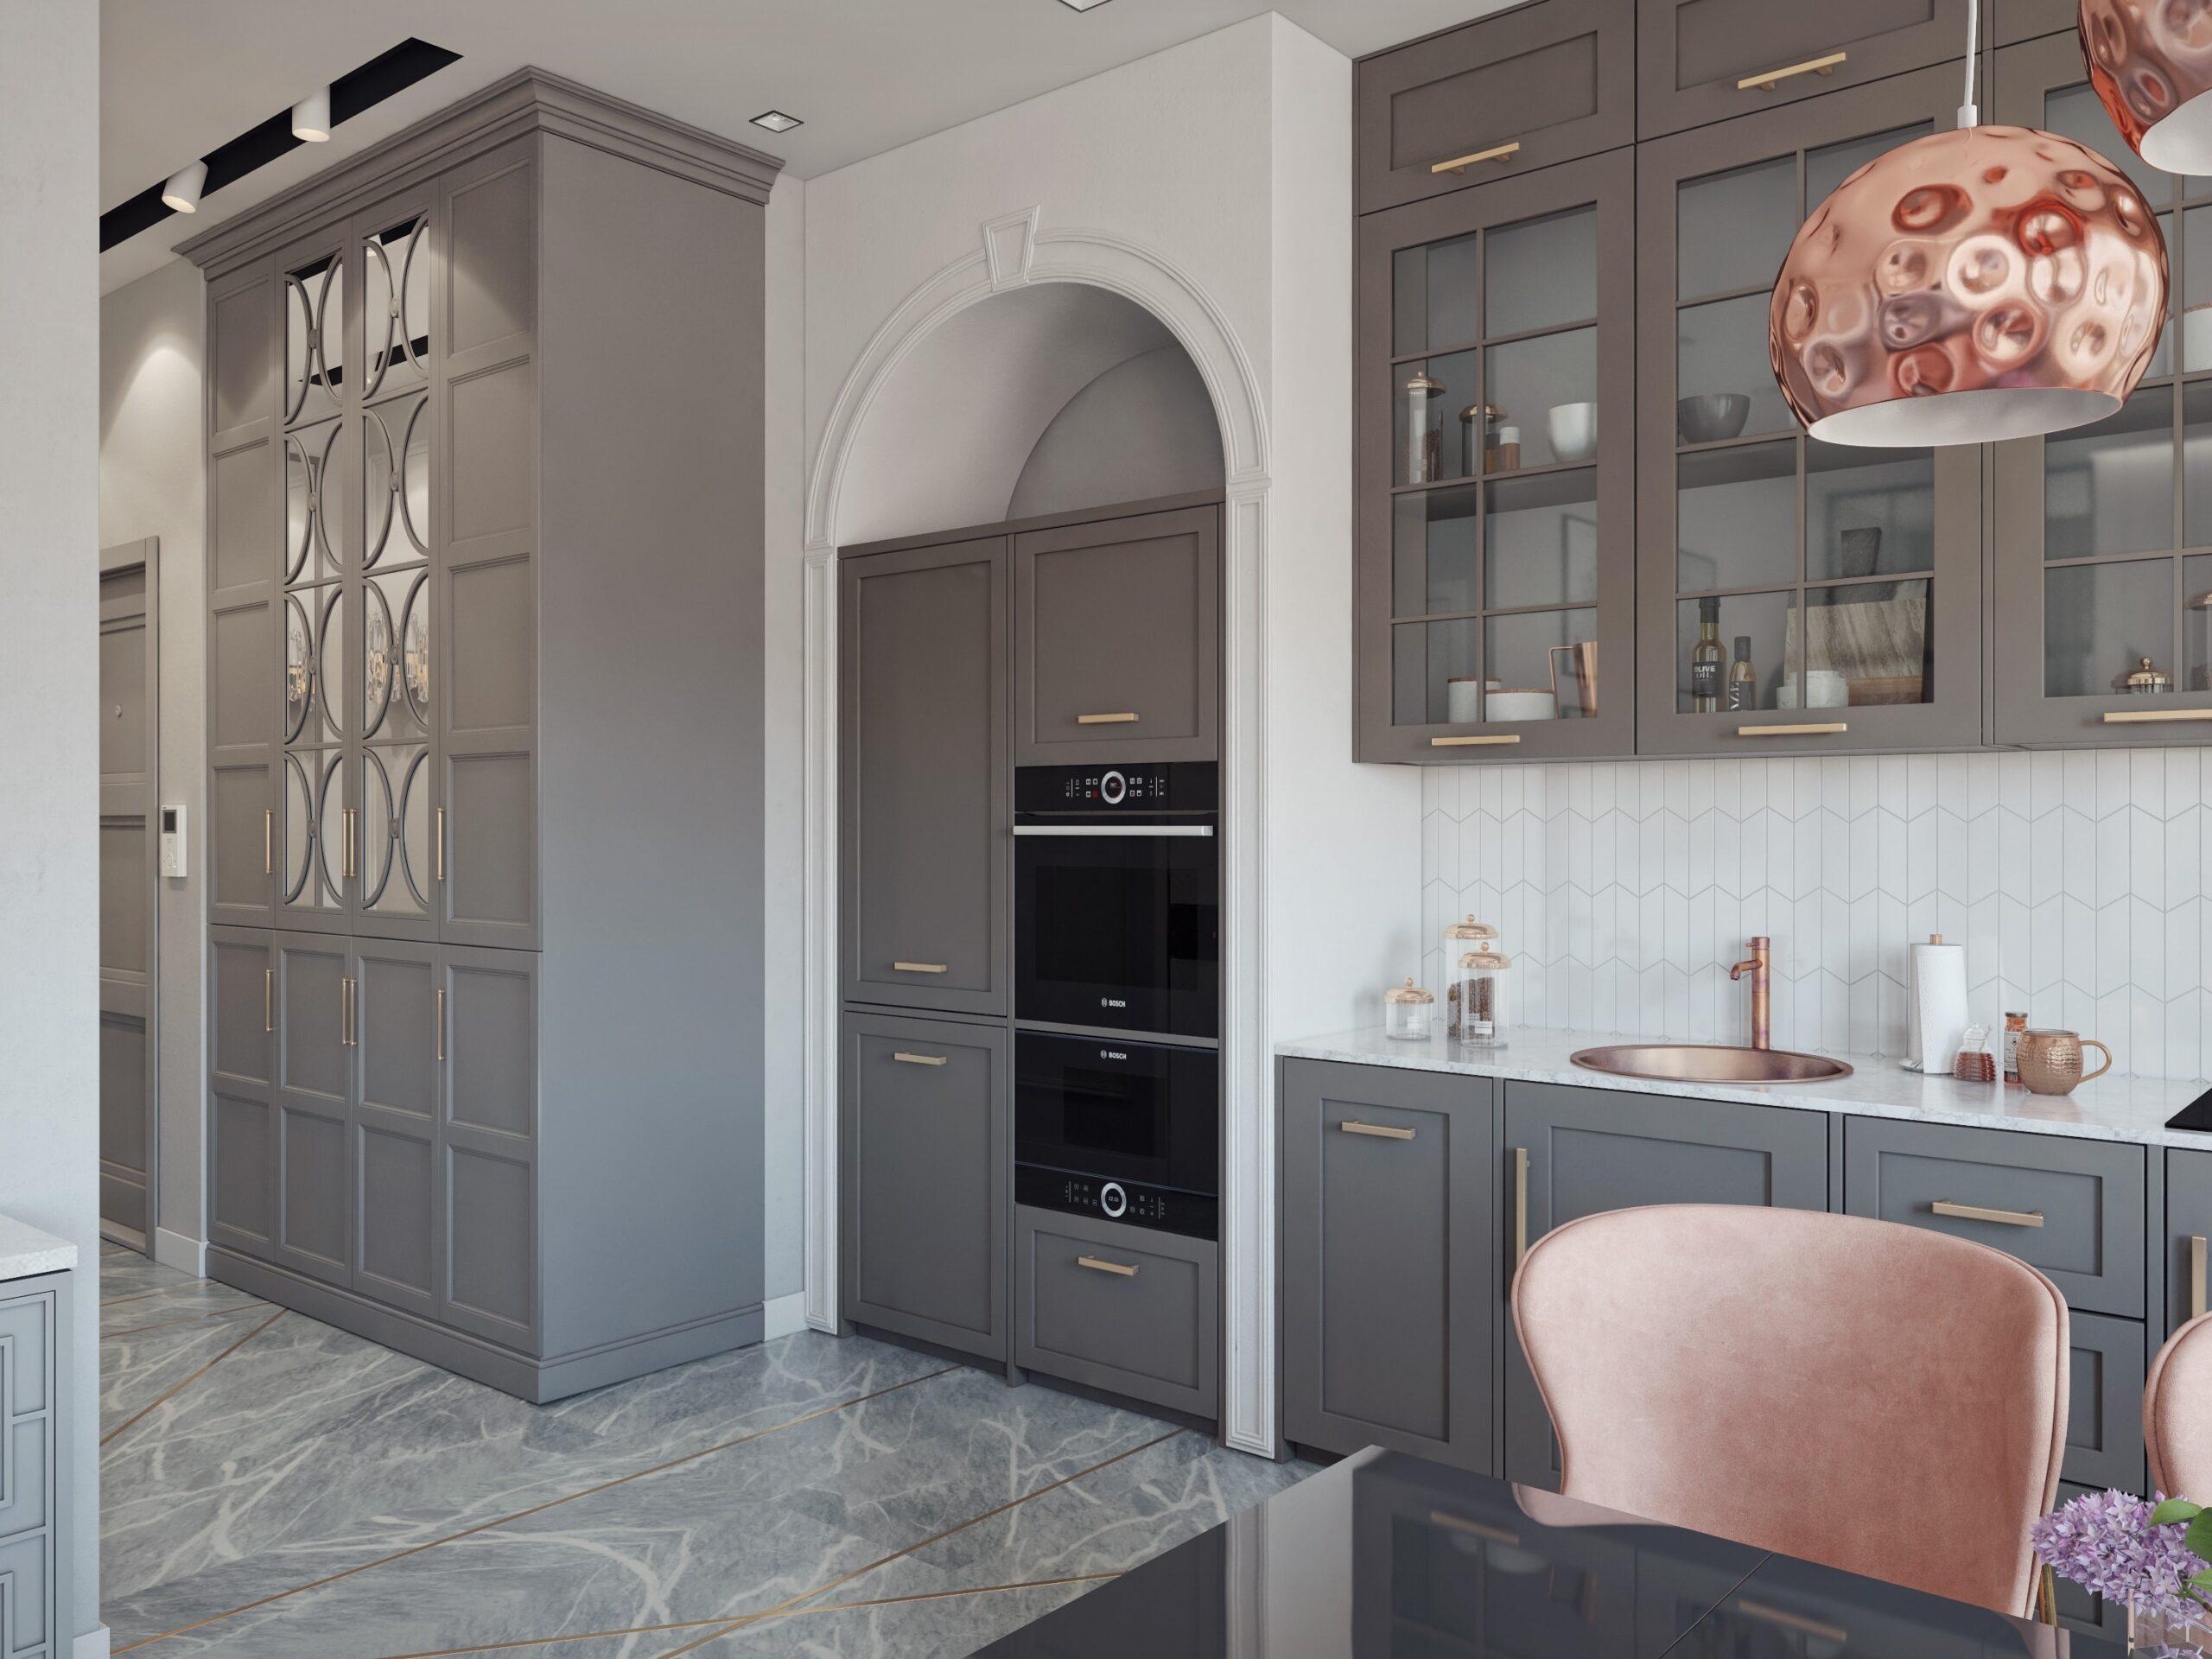 02 Cam kitchen 007 d